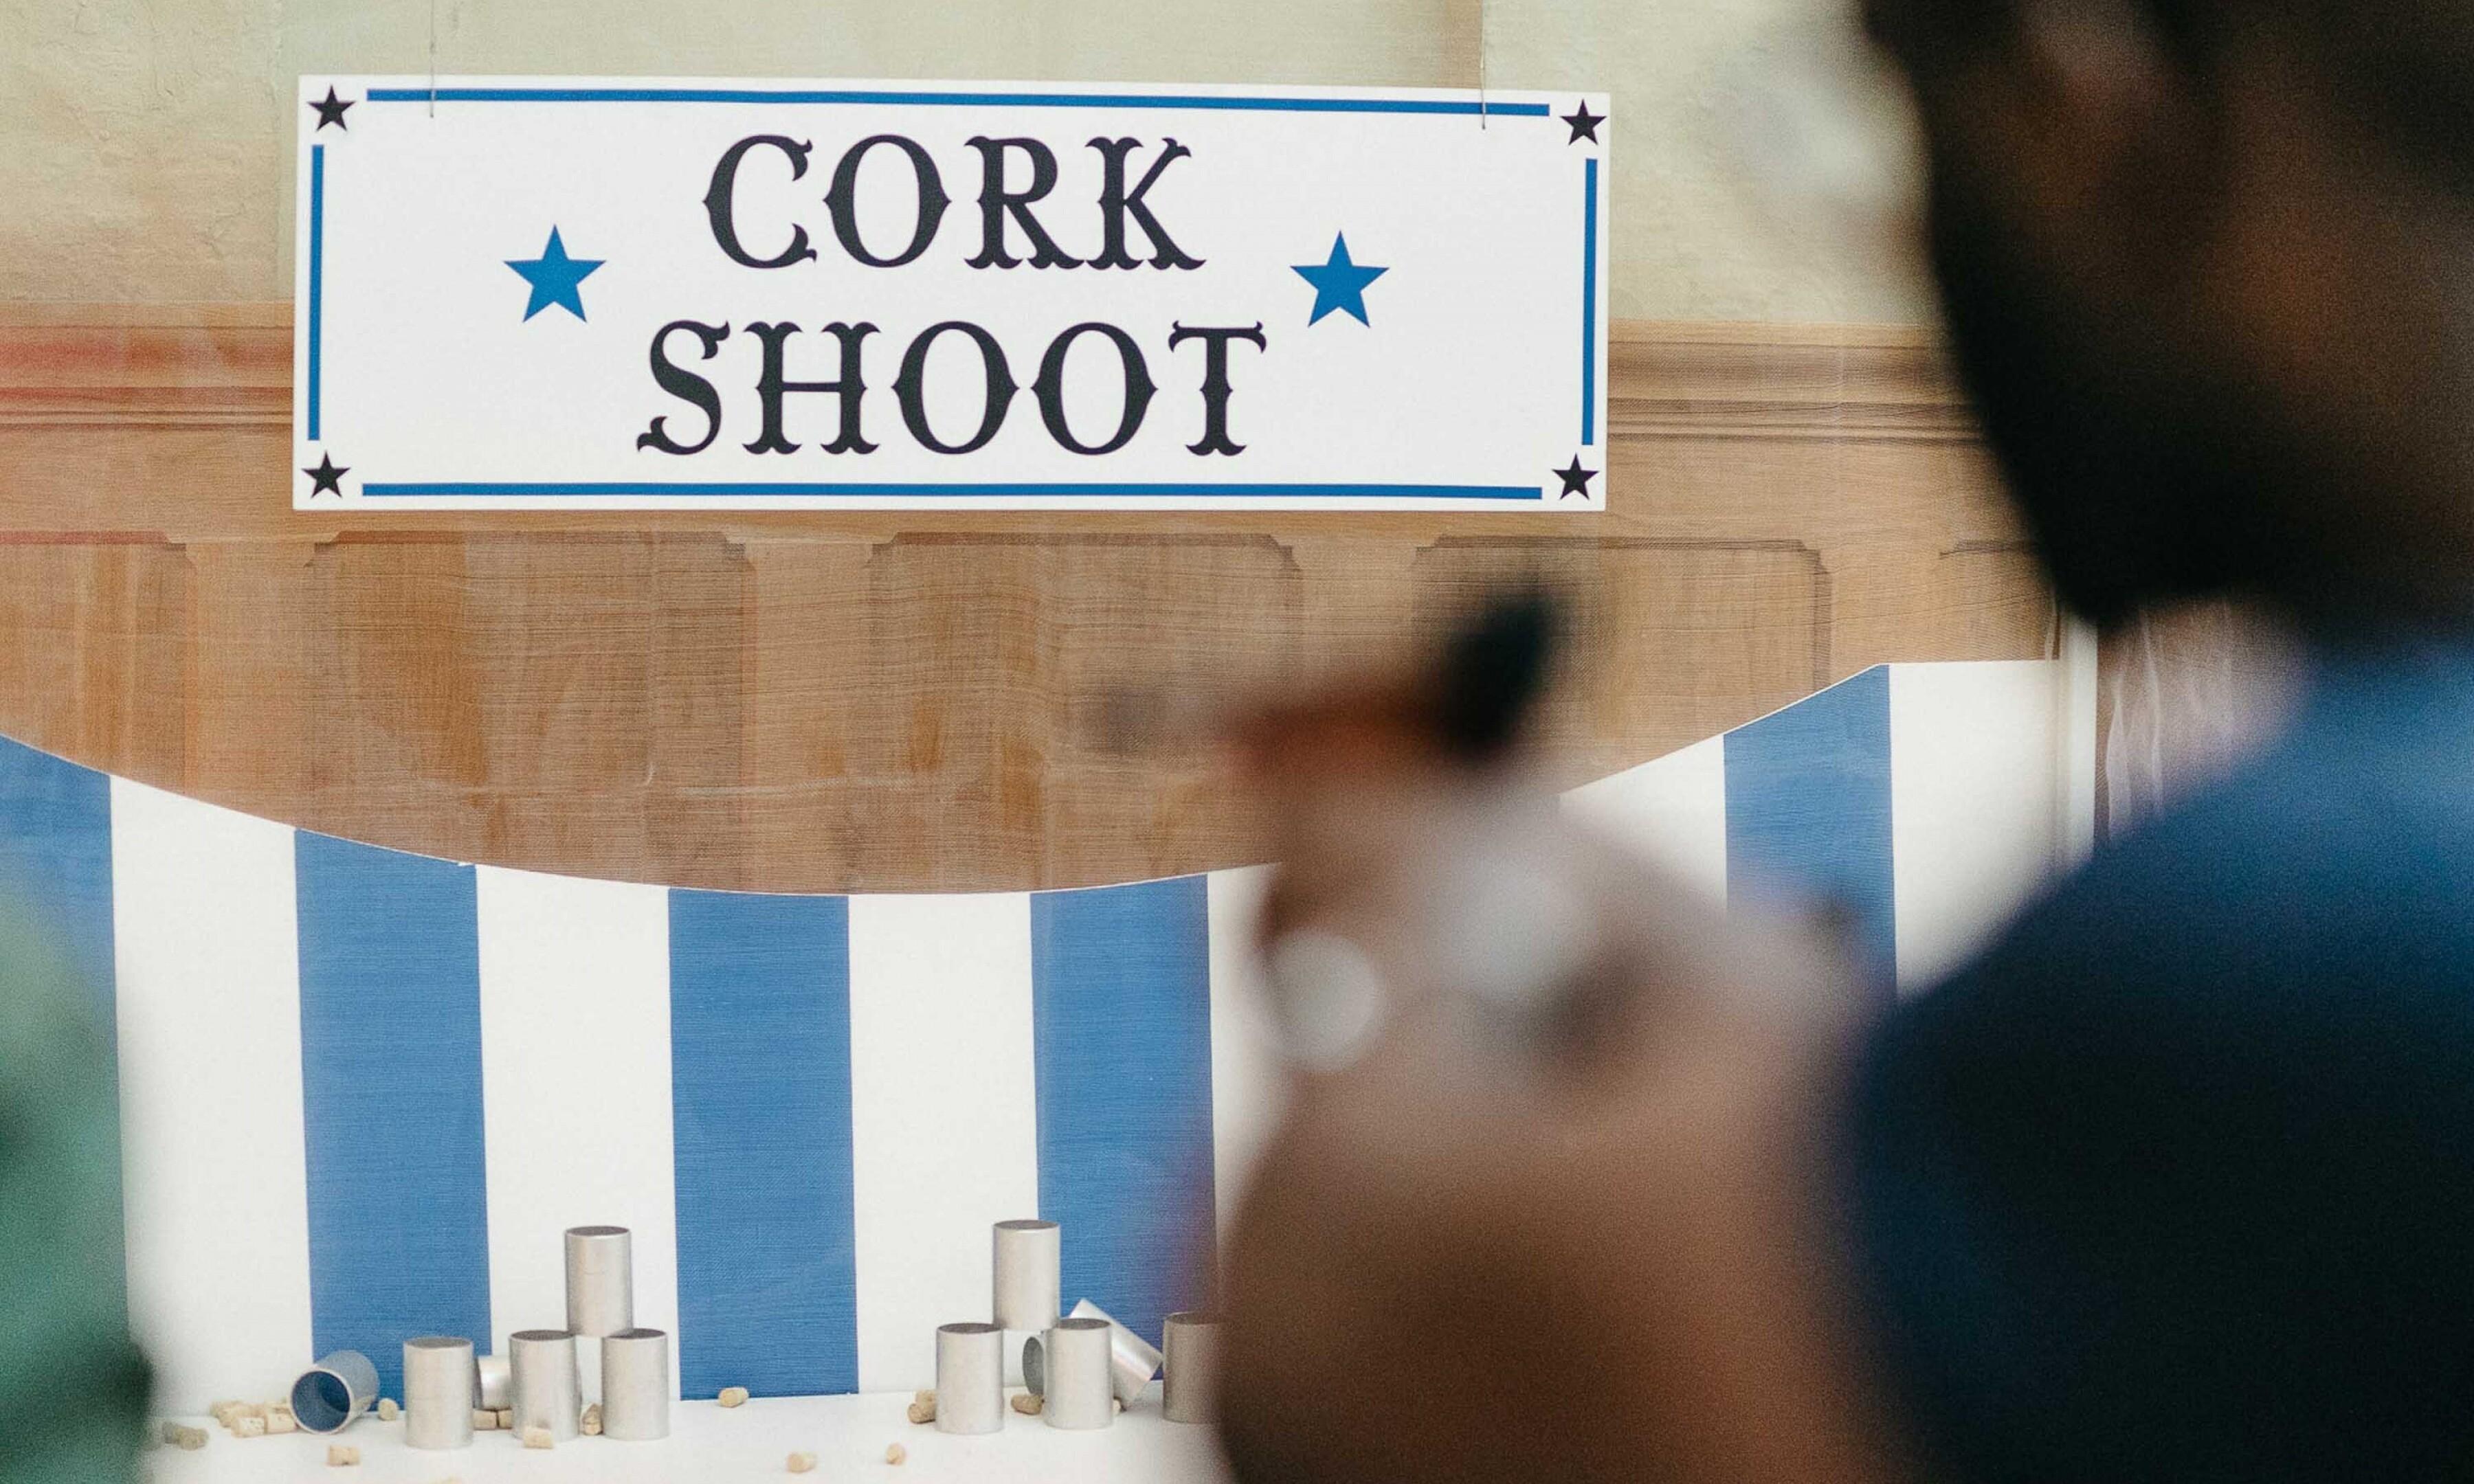 Saffery cork shoot